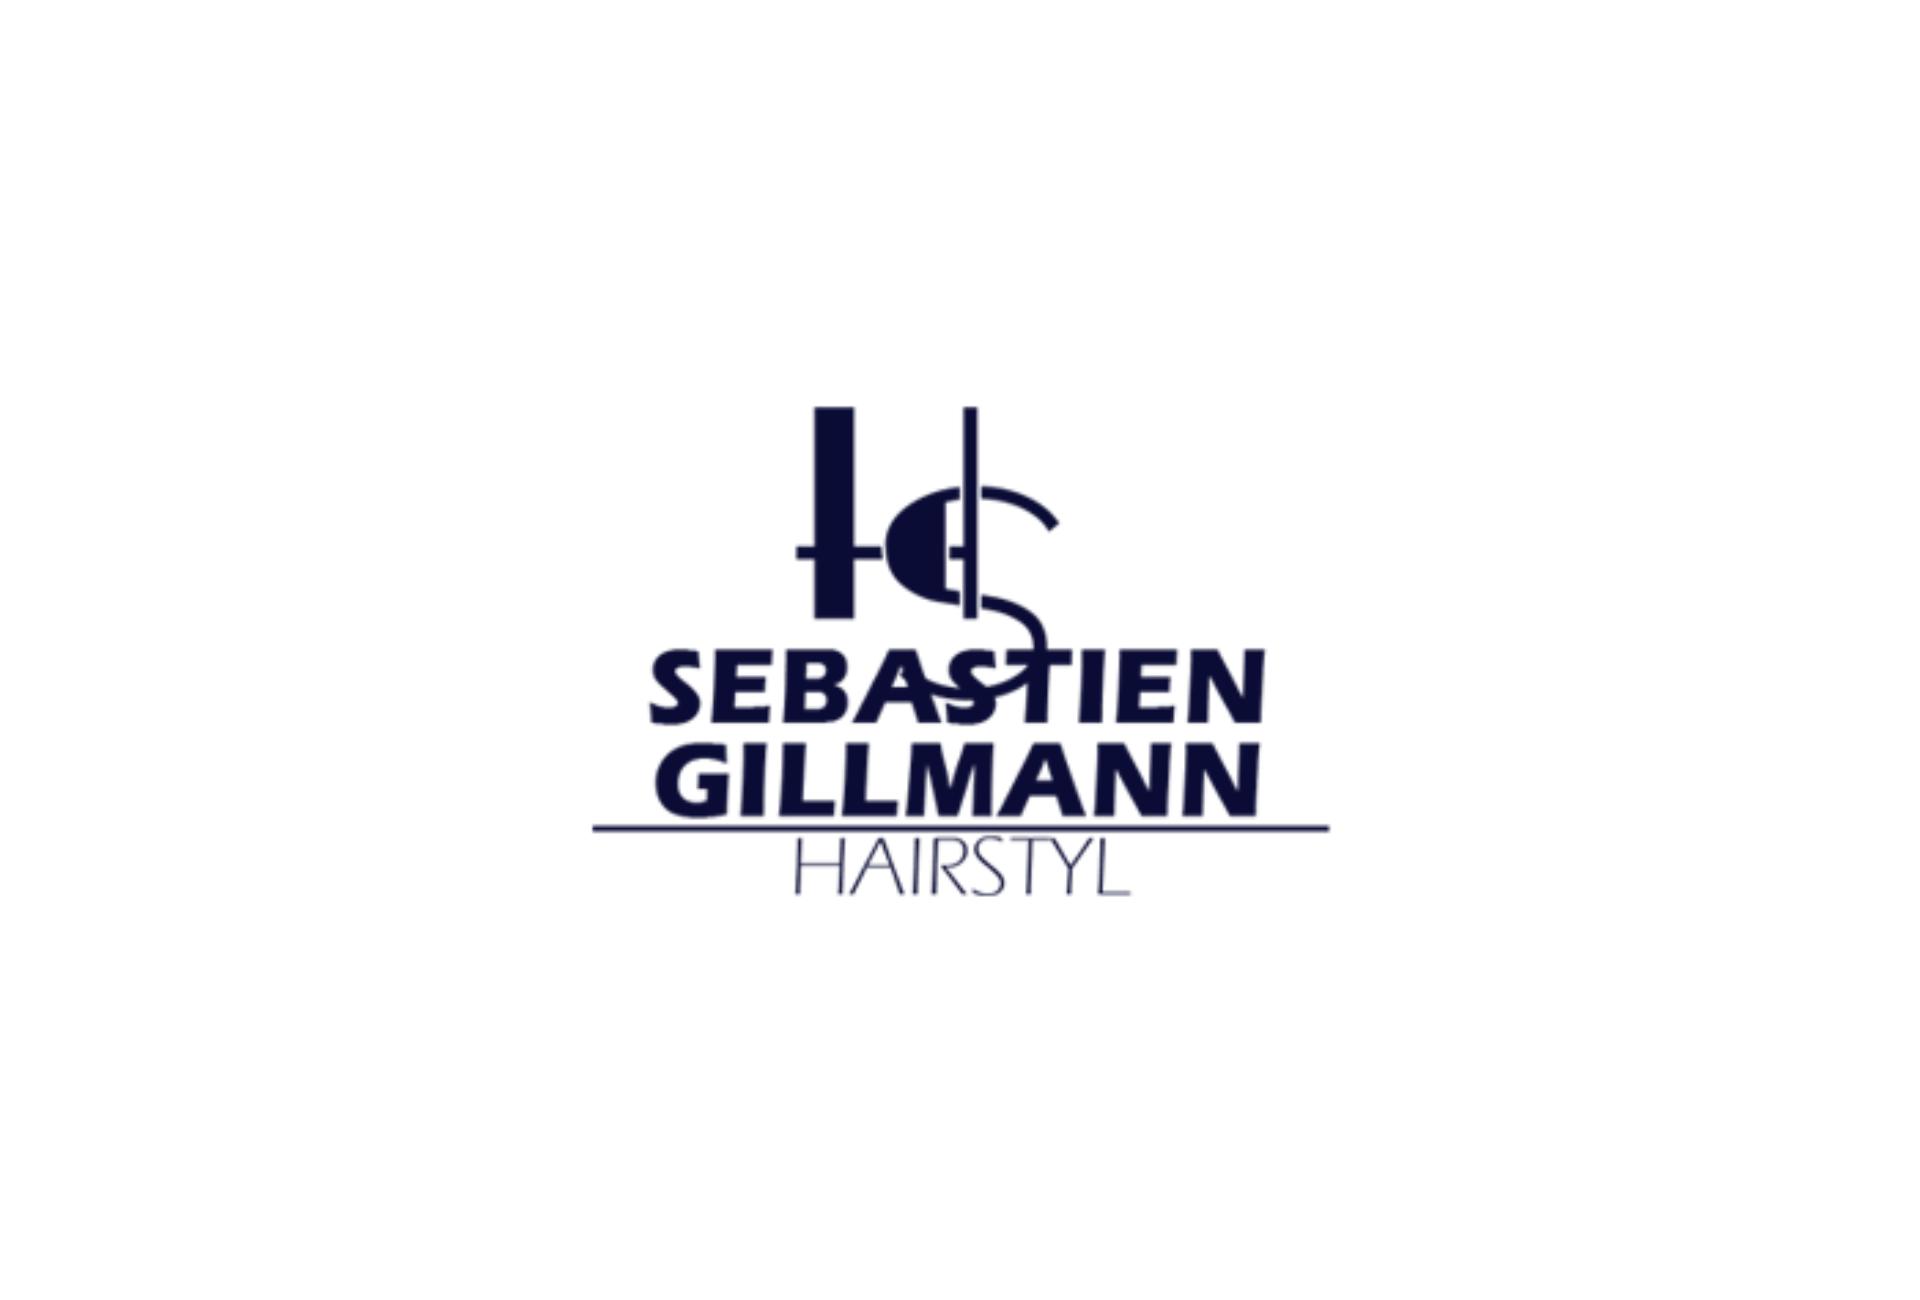 sebastien gillmann logo